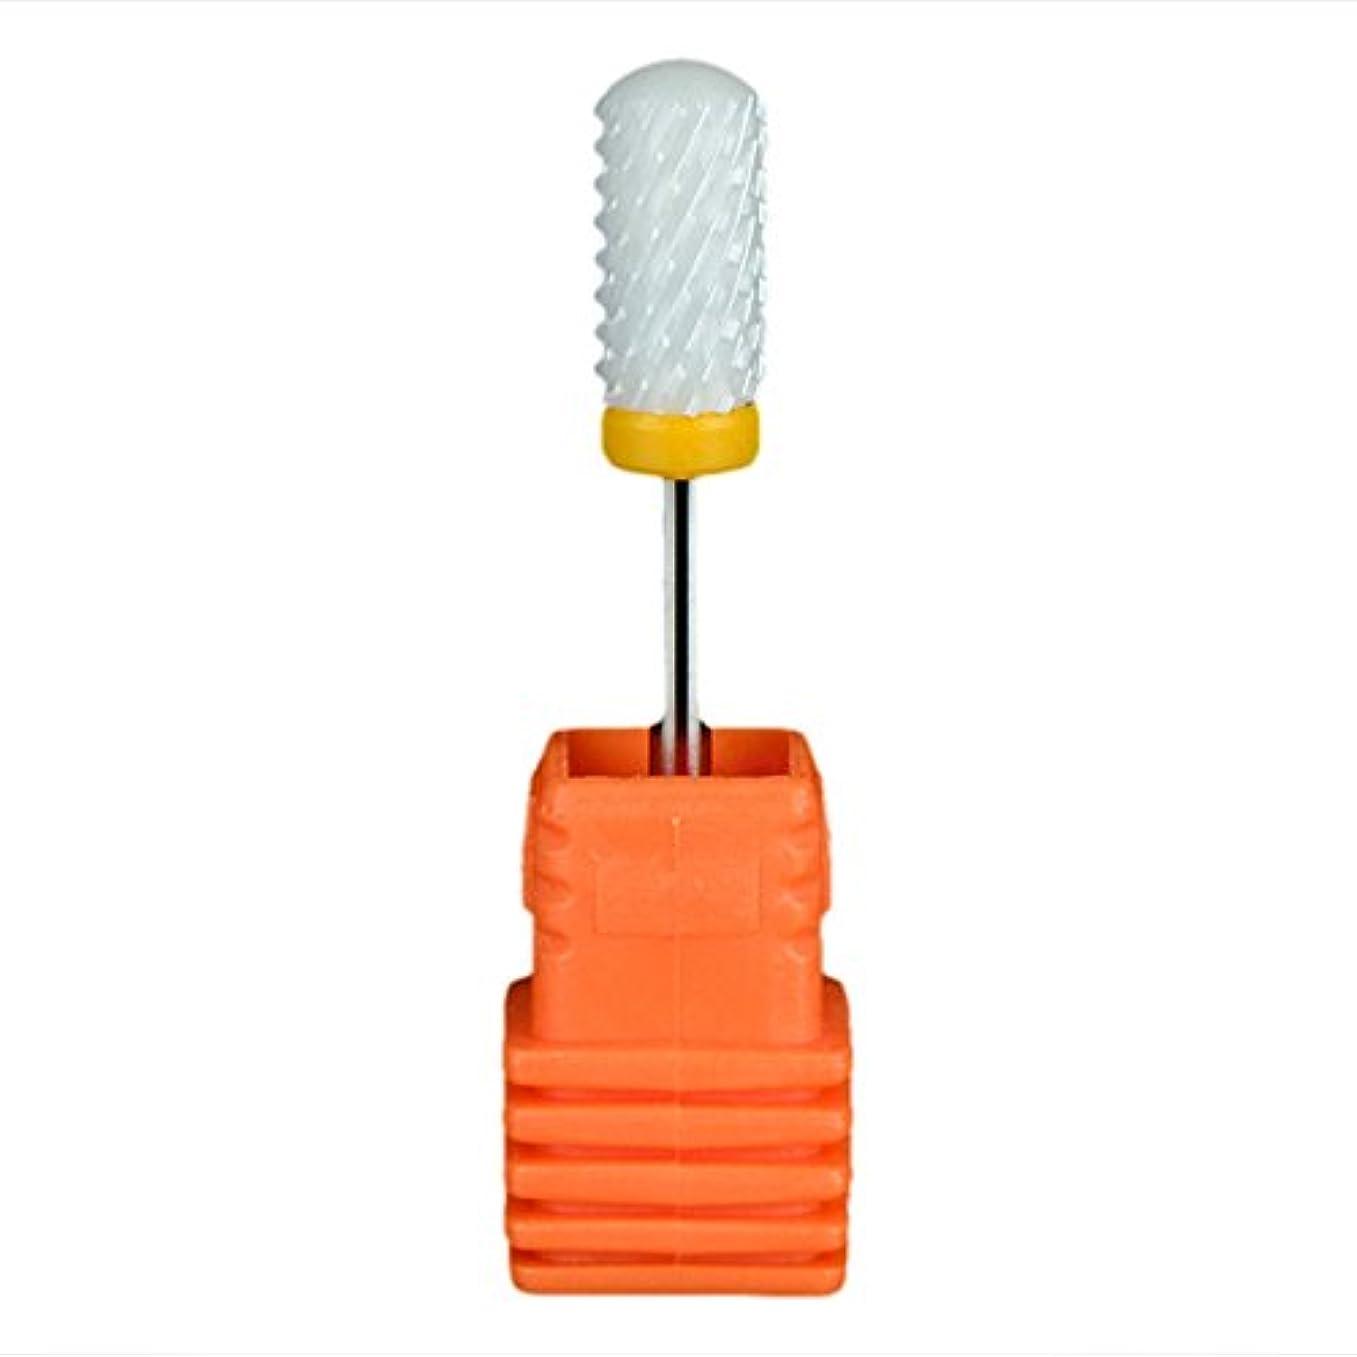 ファンネルウェブスパイダー長椅子音節SODIAL ネイルセラミックドリルビット 回転ジェルネイルサロンツール 3/32インチのマニキュア ホワイト+オレンジ色